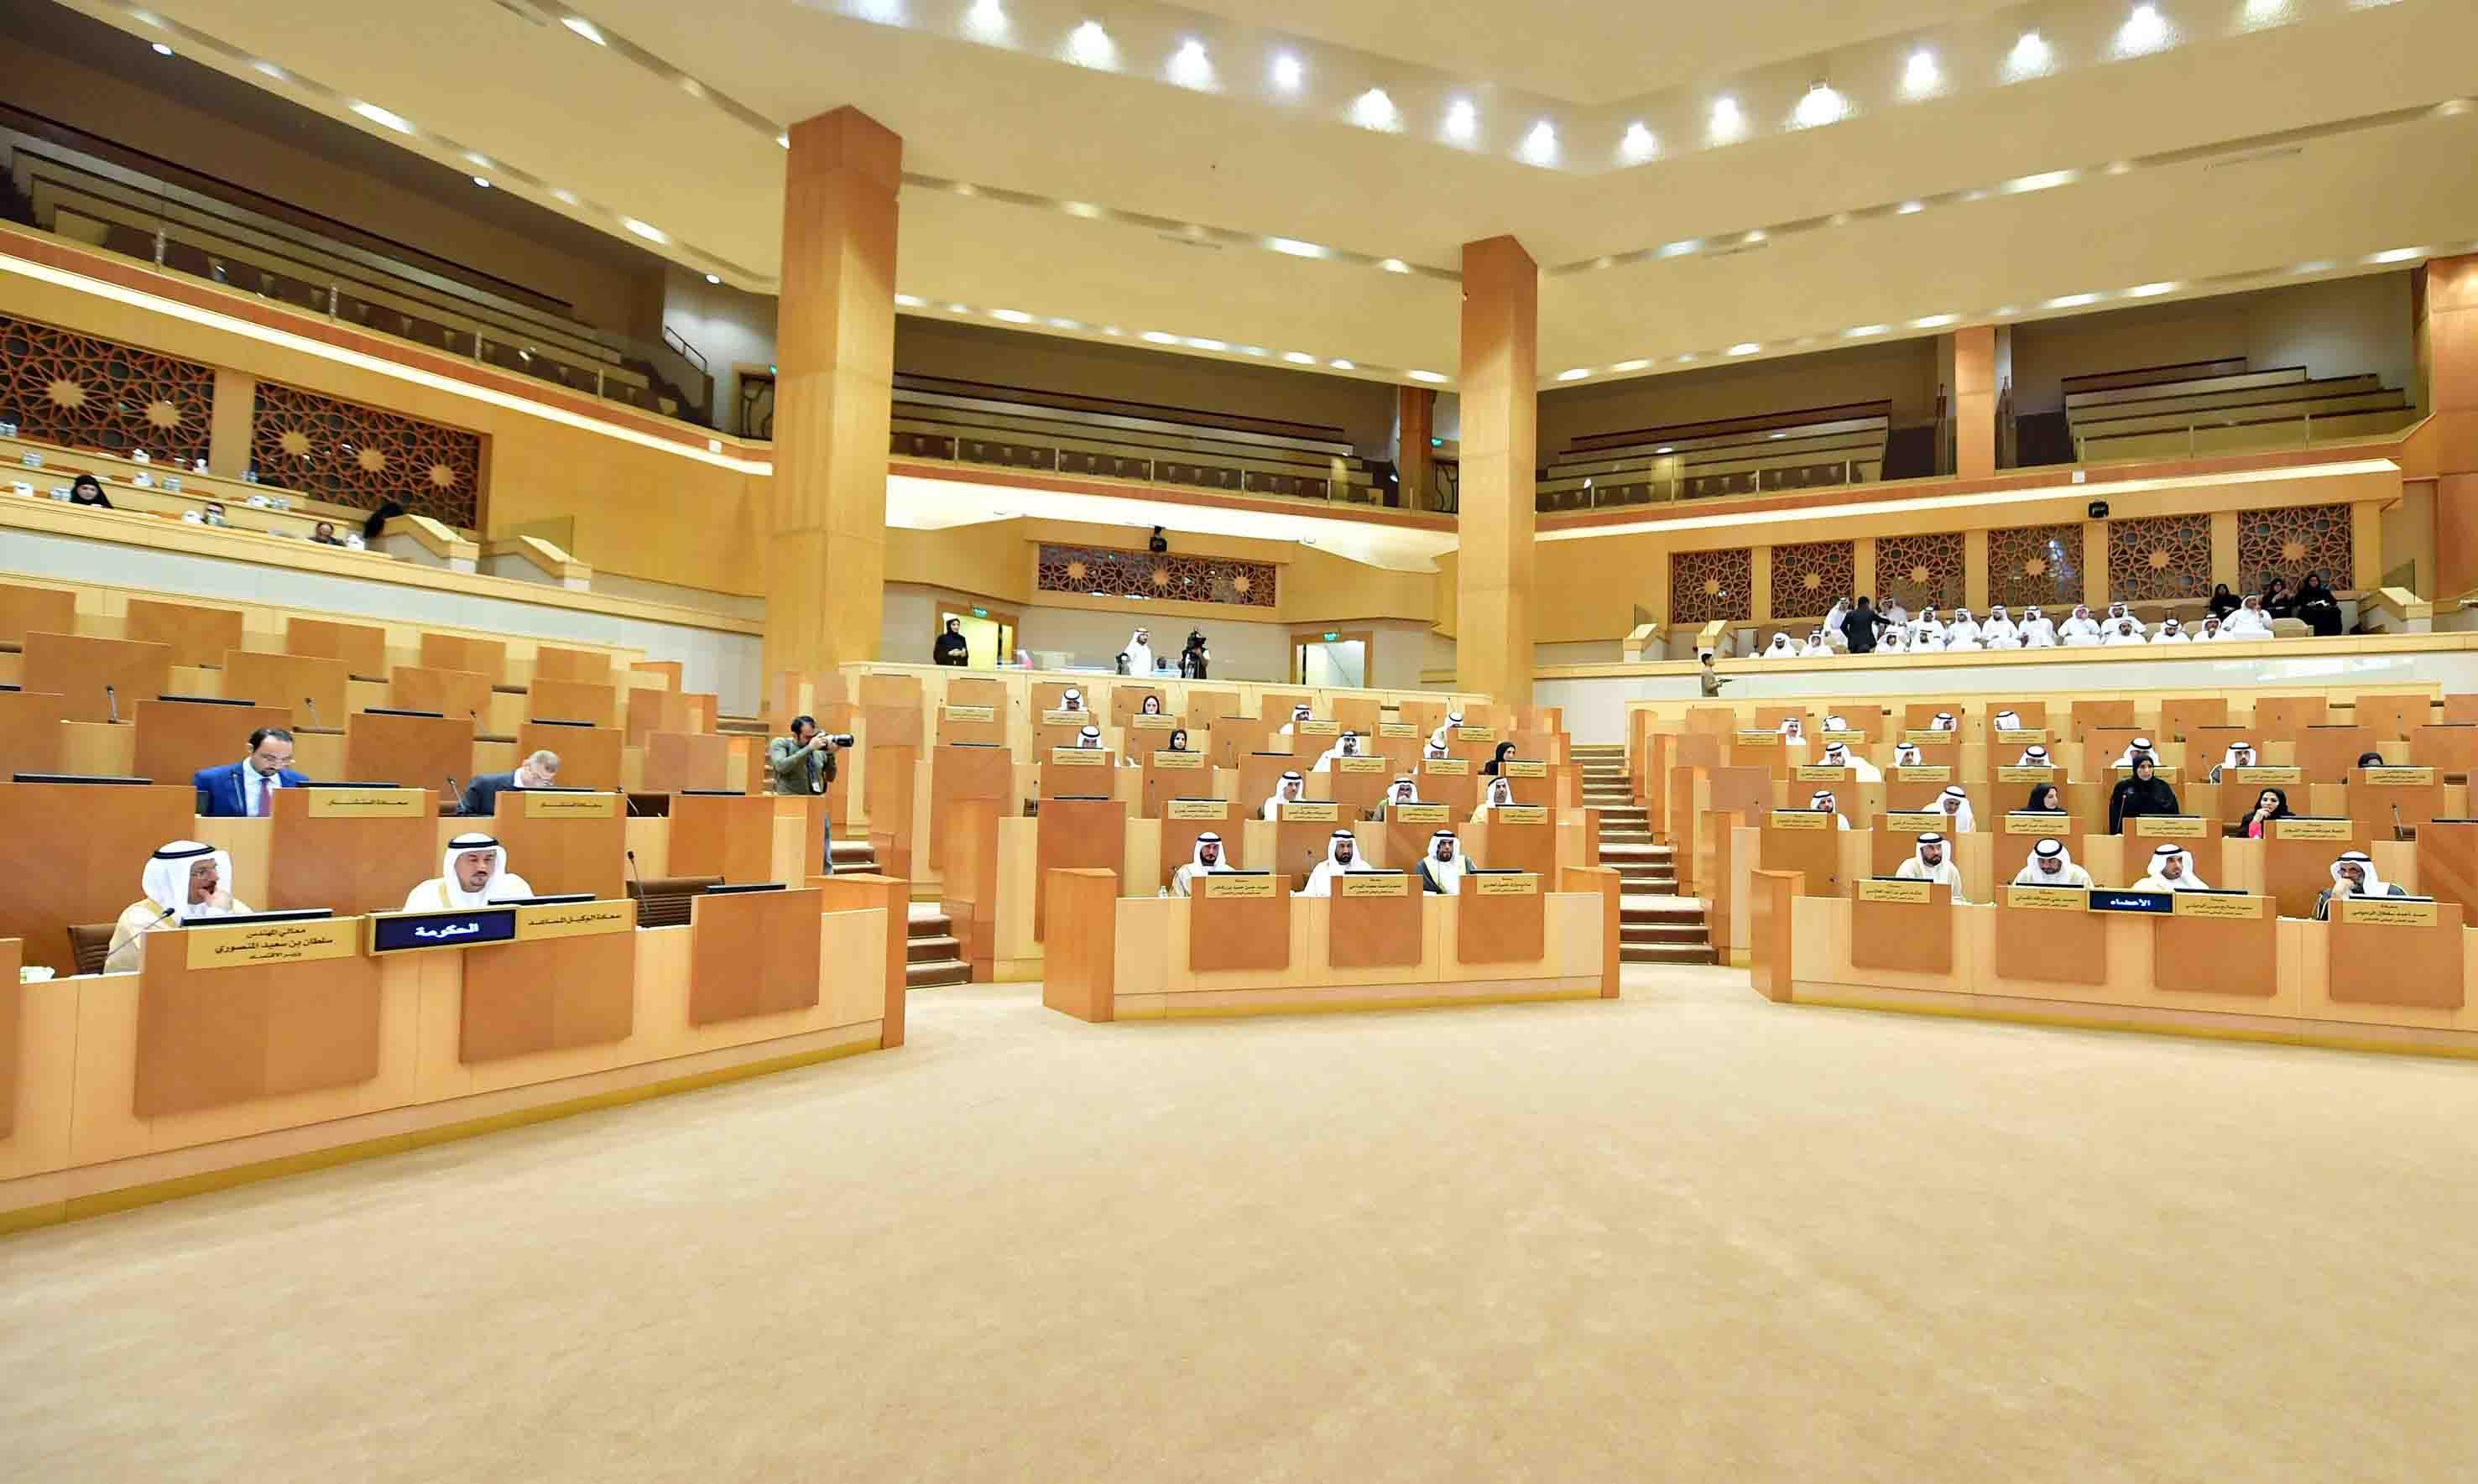 المجلس الوطني الاتحادي يقر مشروع قانون اتحادي بشأن التحكيم. 1